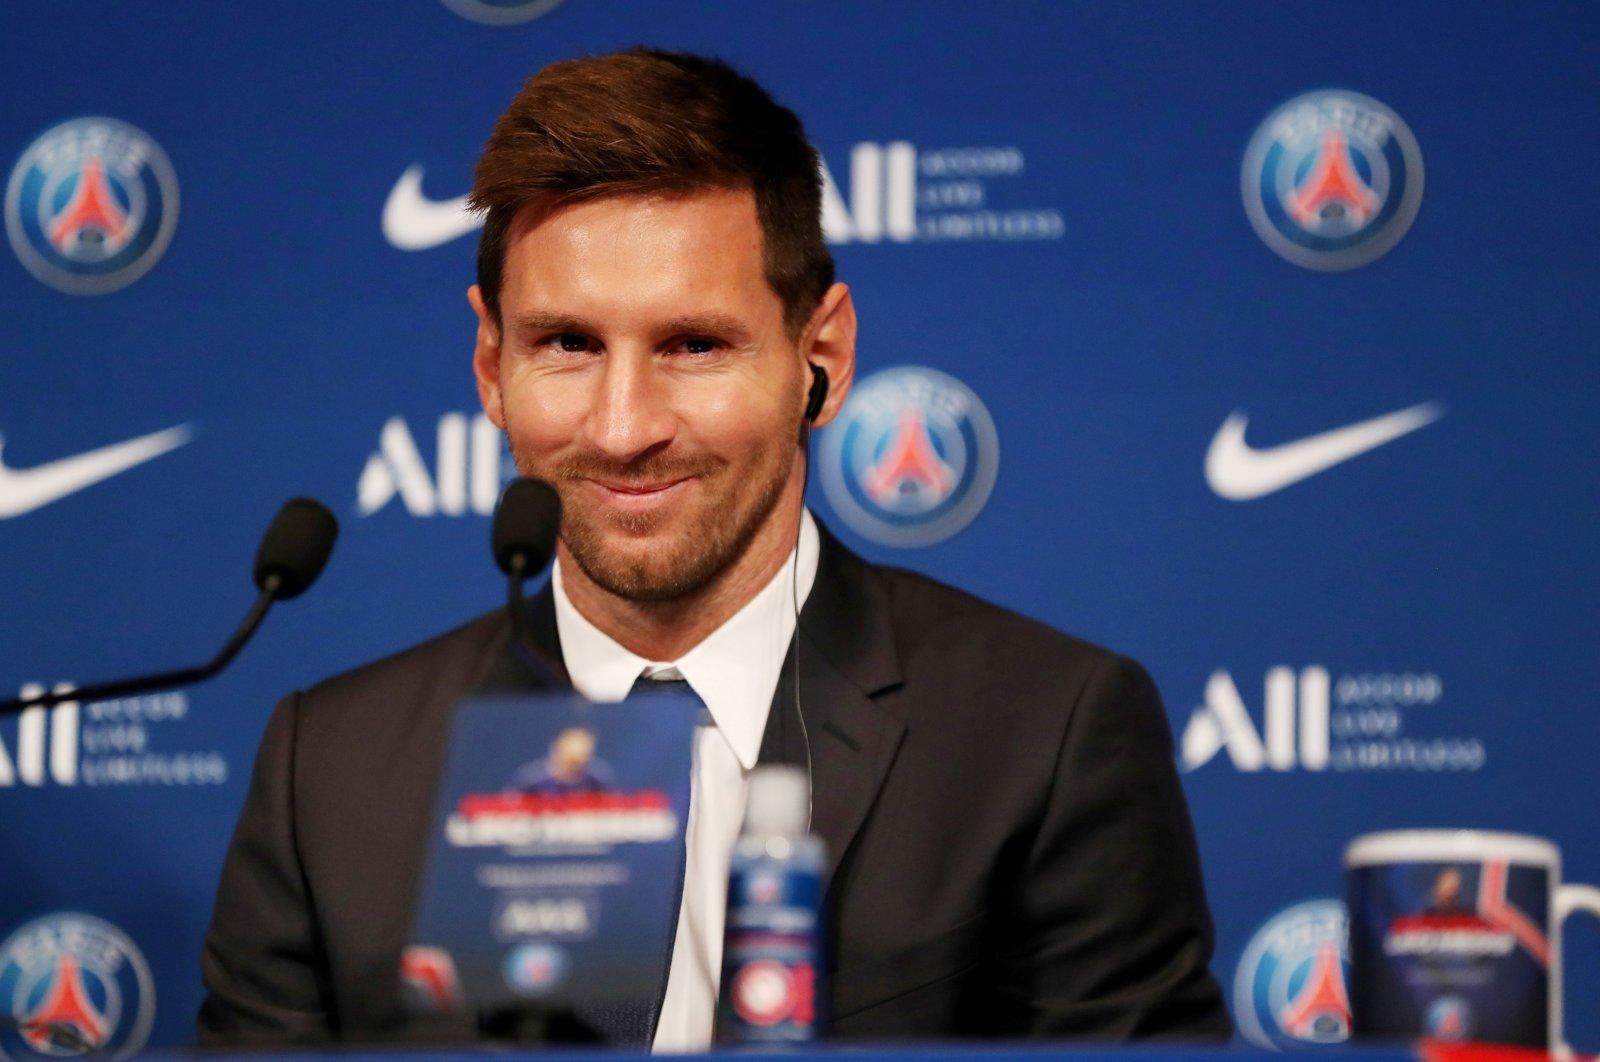 Paris Saint-Germain's Lionel Messi during a press conference after signing for the club, Parc des Princes, Paris, France, Aug. 11, 2021.